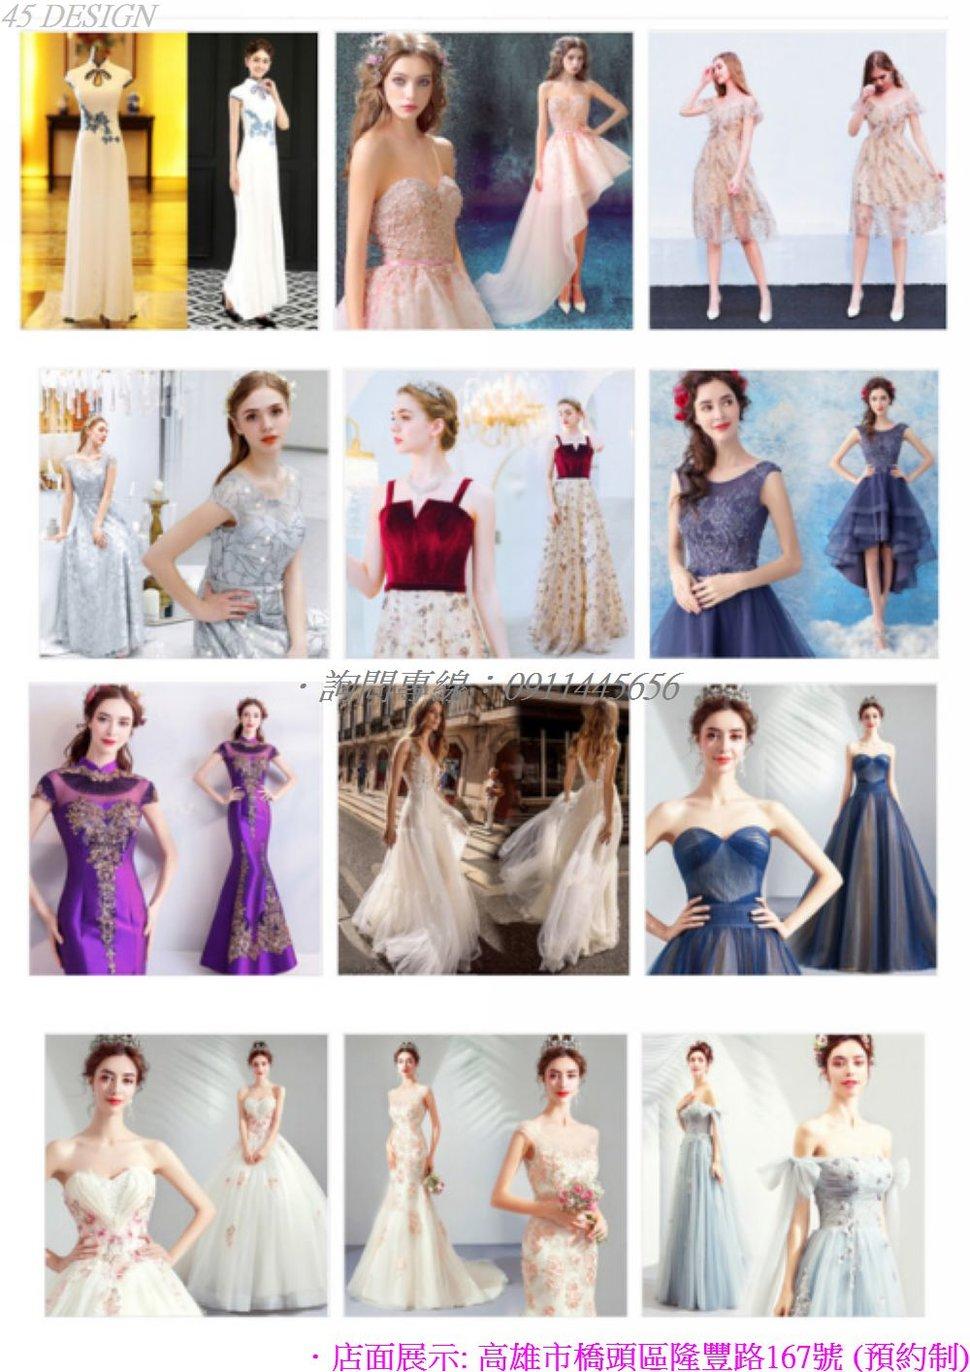 msl190815D2AFCE12416A4A72853C89A056721E00 - 全台最便宜-45DESIGN四五婚紗禮服《結婚吧》